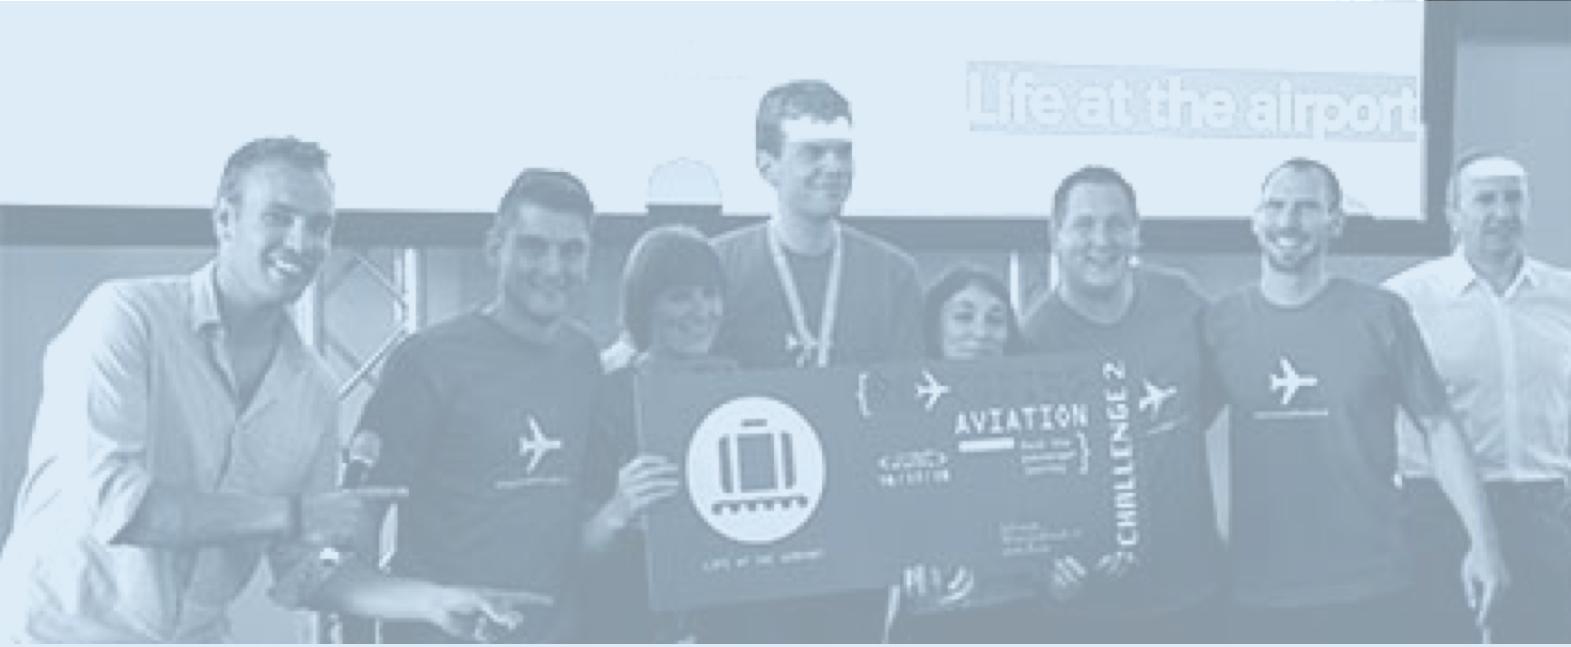 Iabsis Hackathon